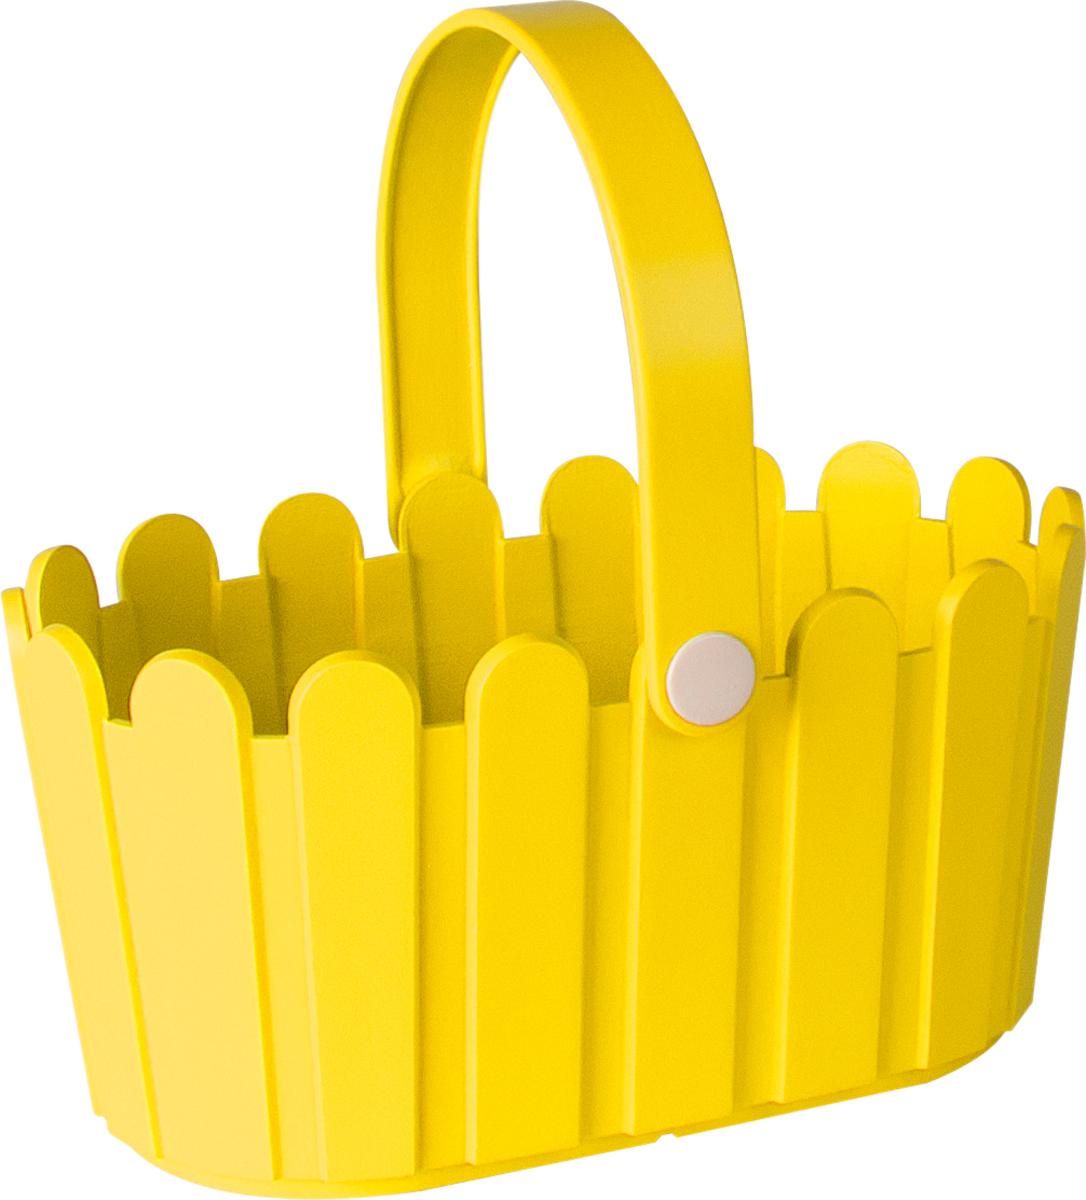 Кашпо Emsa Landhaus Basket, цвет: желтый, 28 х 18 см ящик балконный emsa landhaus цвет темно зеленый 50 х 20 х 16 см